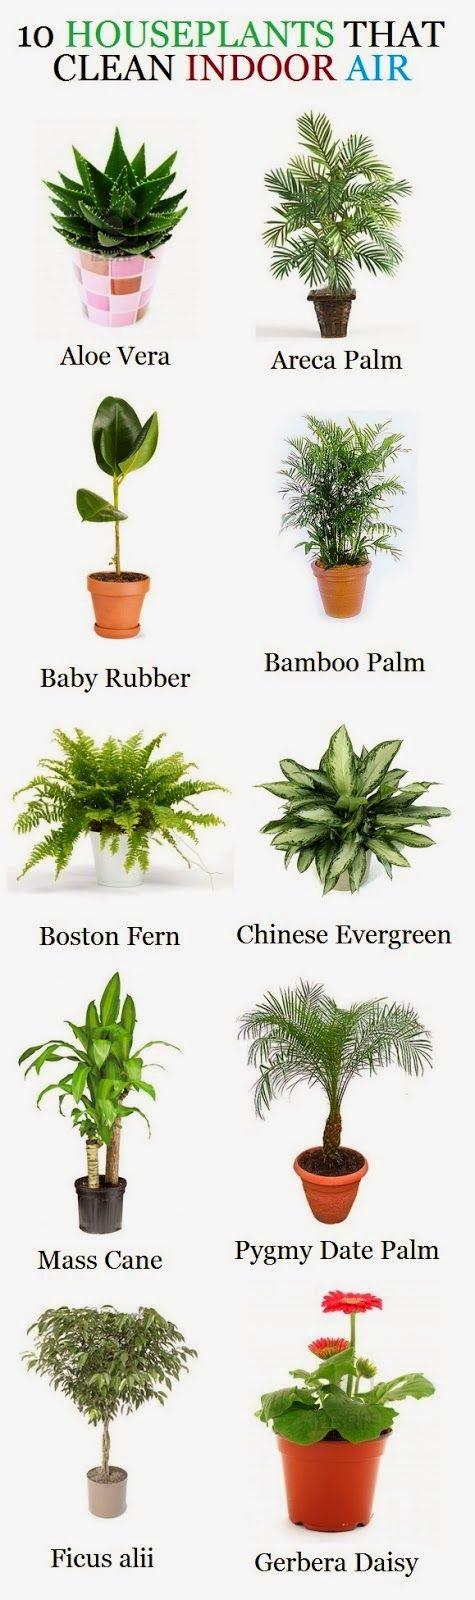 10 Zimmerpflanzen, die die Raumluft reinigen